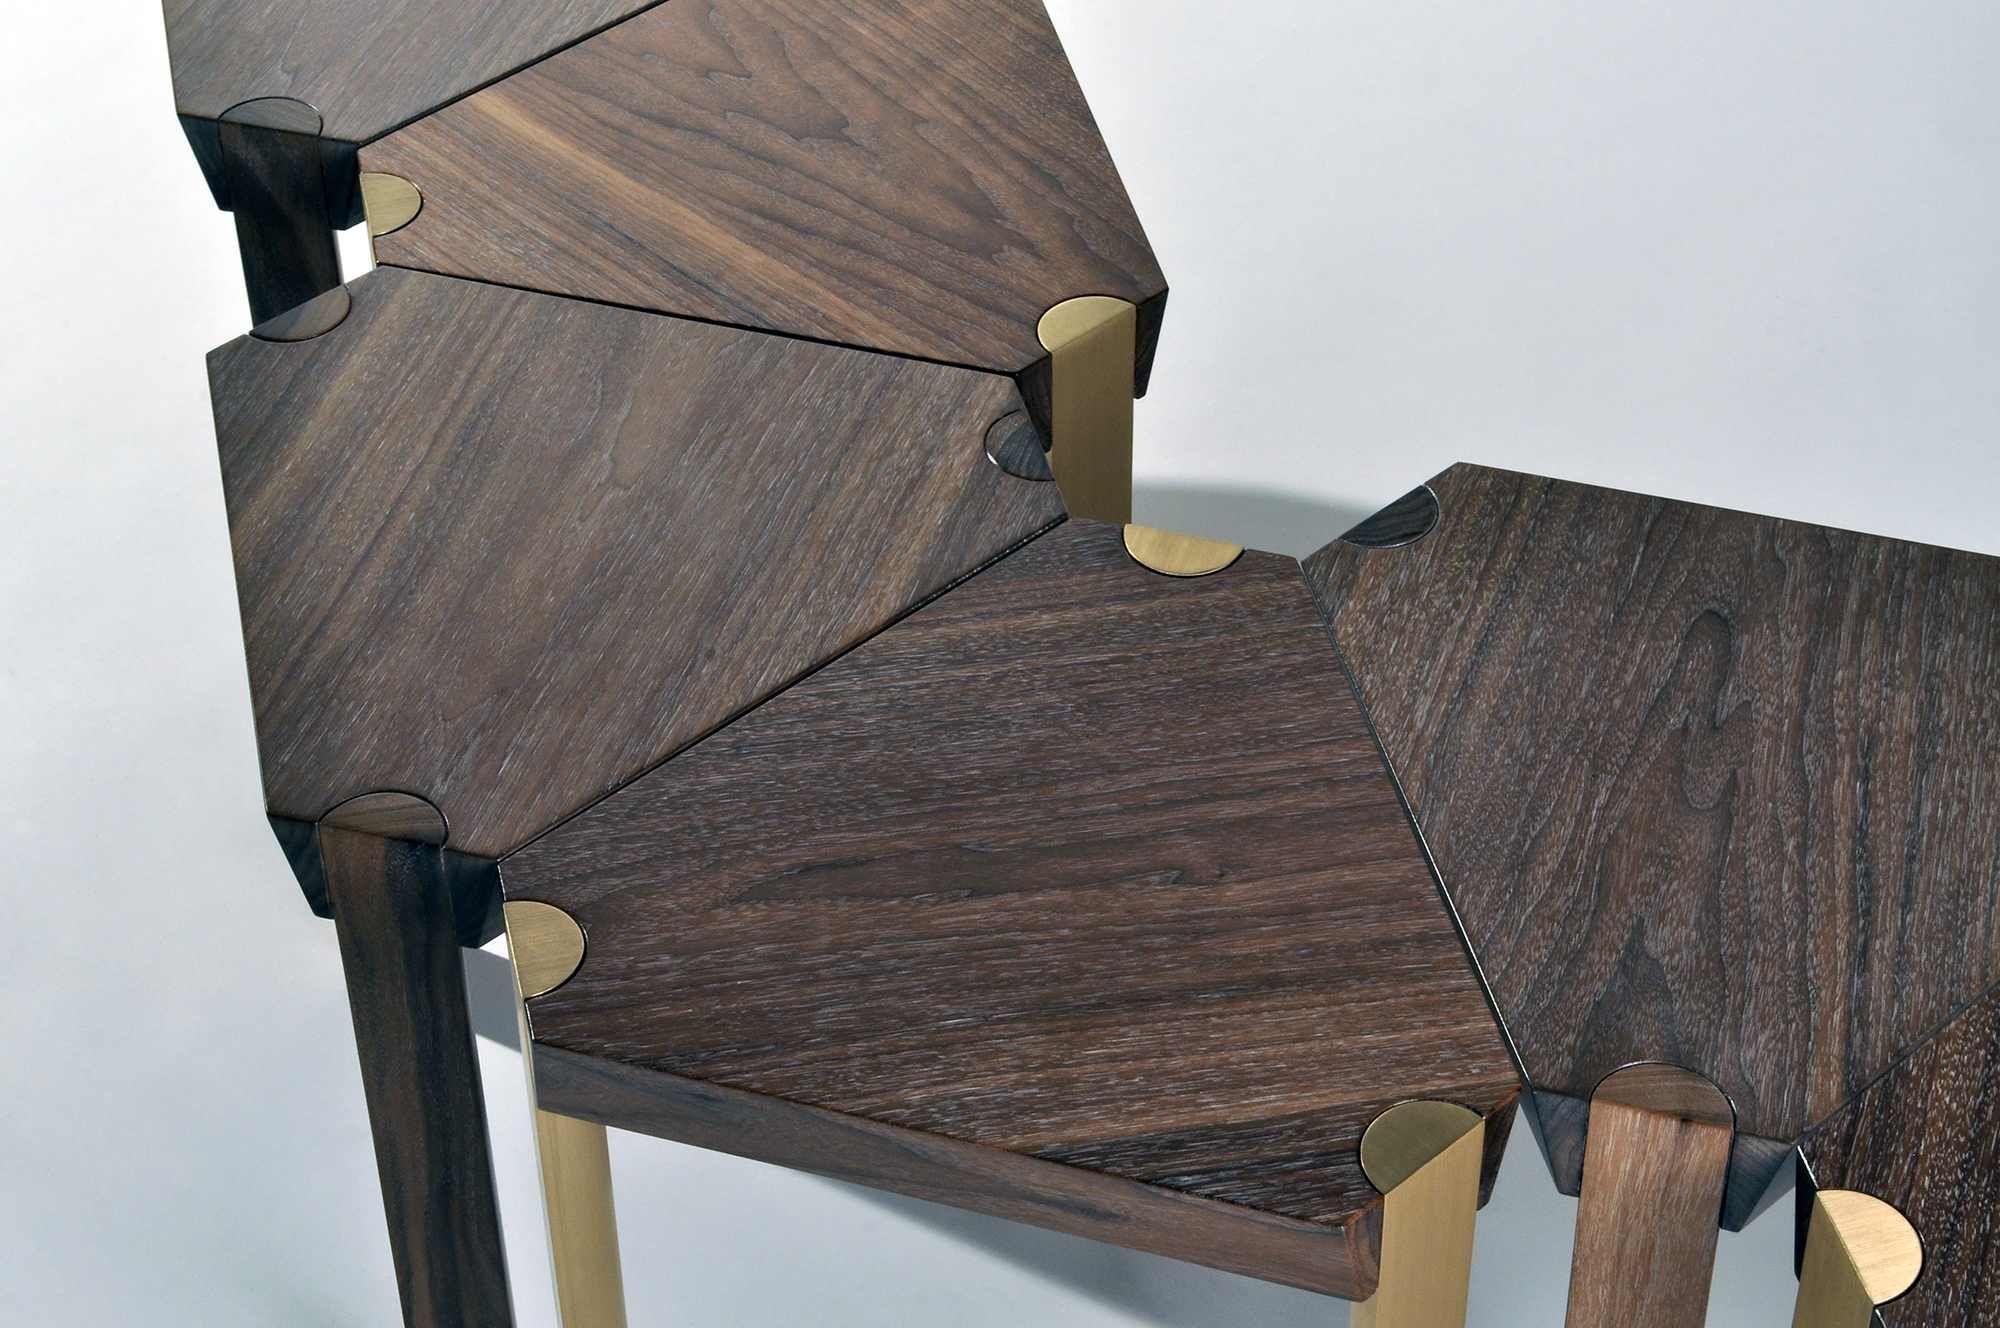 Halcyon Table Series | Matthew Fairbank Design #furniture #furnituredesign #madeinbrooklyn #madeinnyc